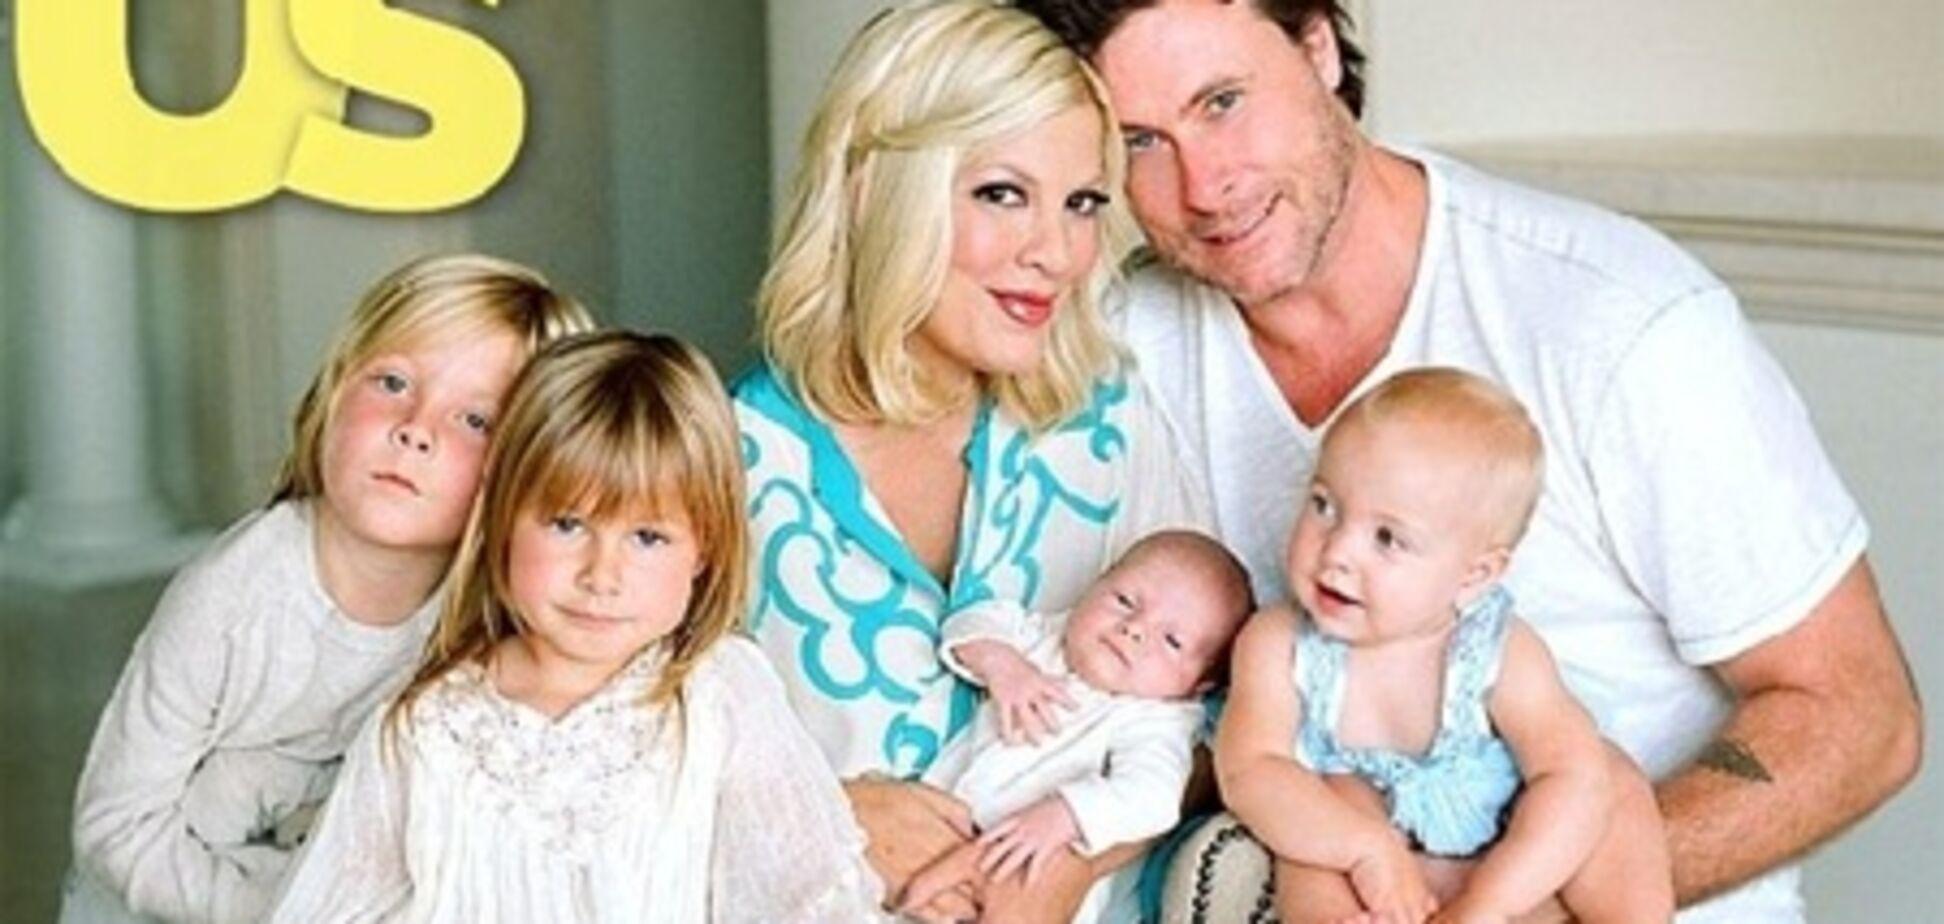 Семейство Спеллинг расположилось в US weekly. Фото